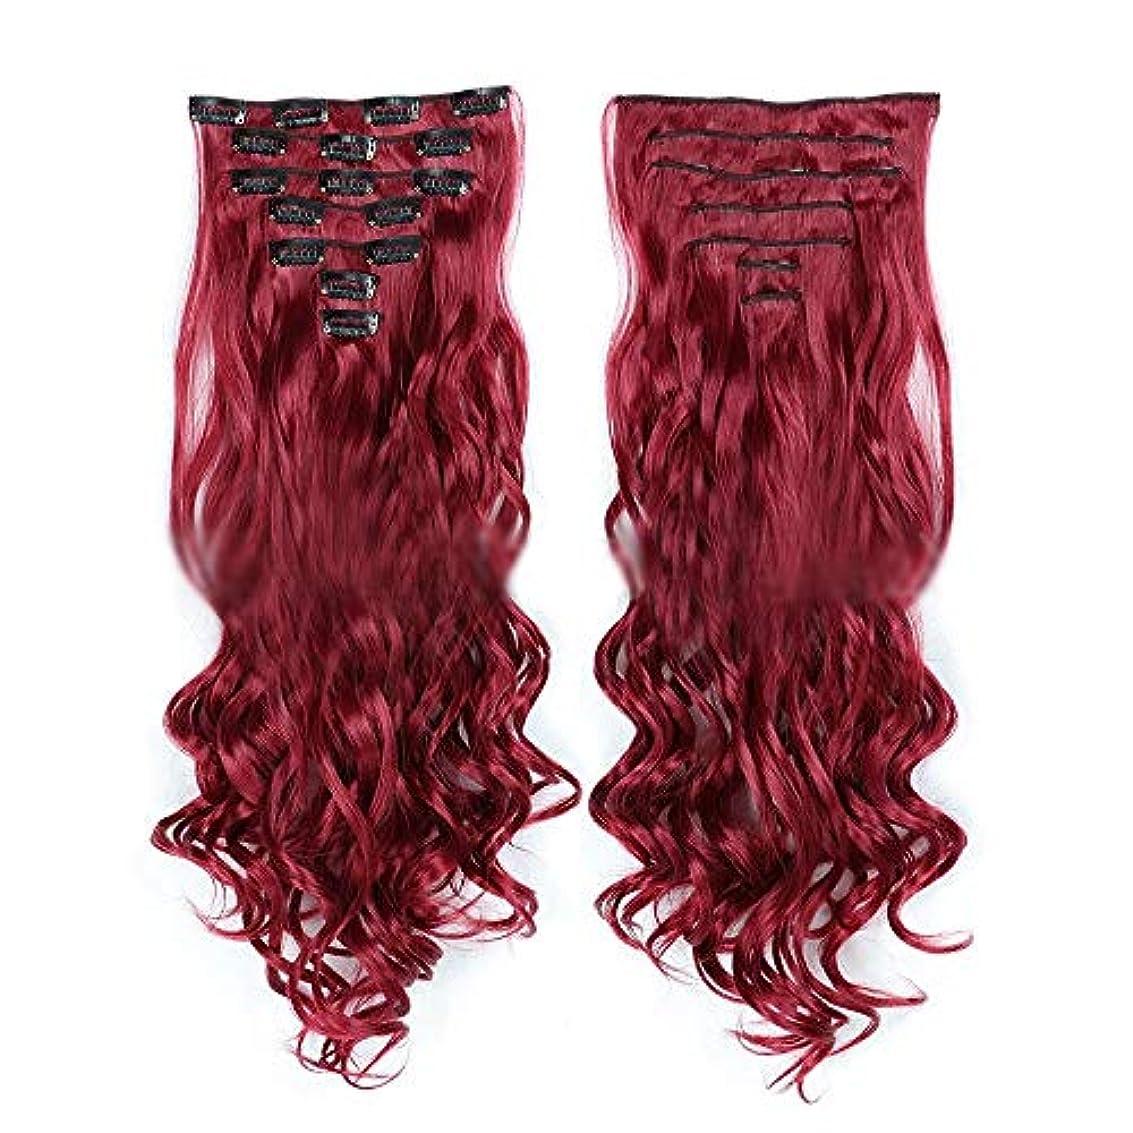 ビデオ中絶活気づくヘアエクステンションの55cmロングカーリーフルヘッドクリップ 波状巻き毛 - 7個合計16クリップ モデリングツール (色 : #BURG)